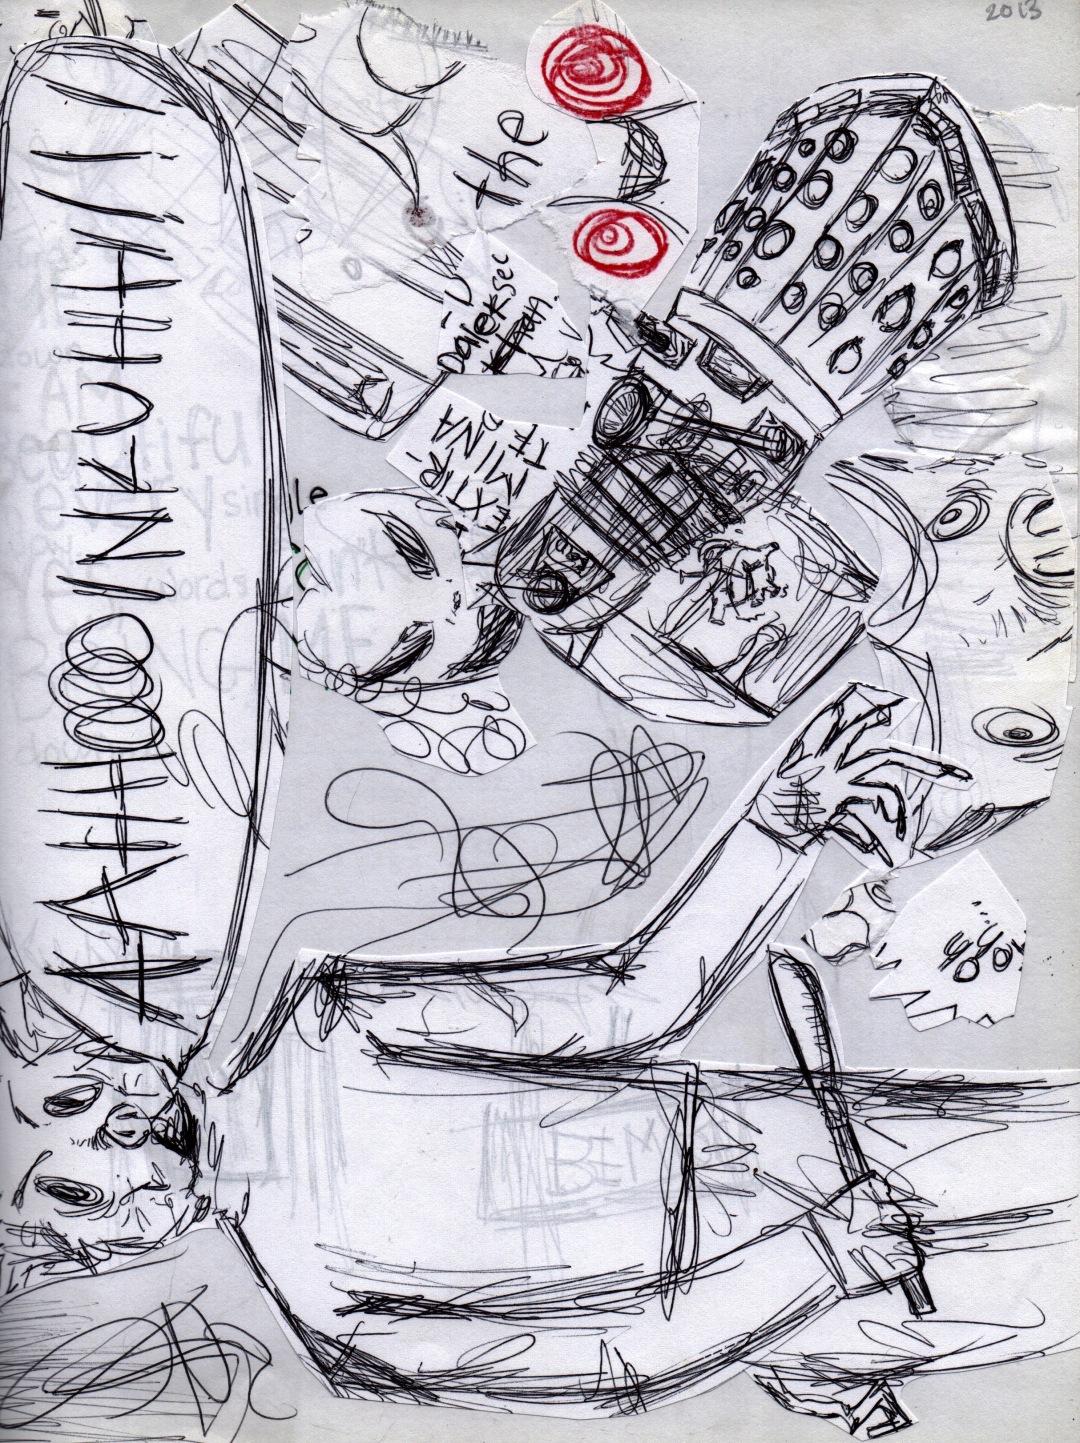 Doodle2013! (2)